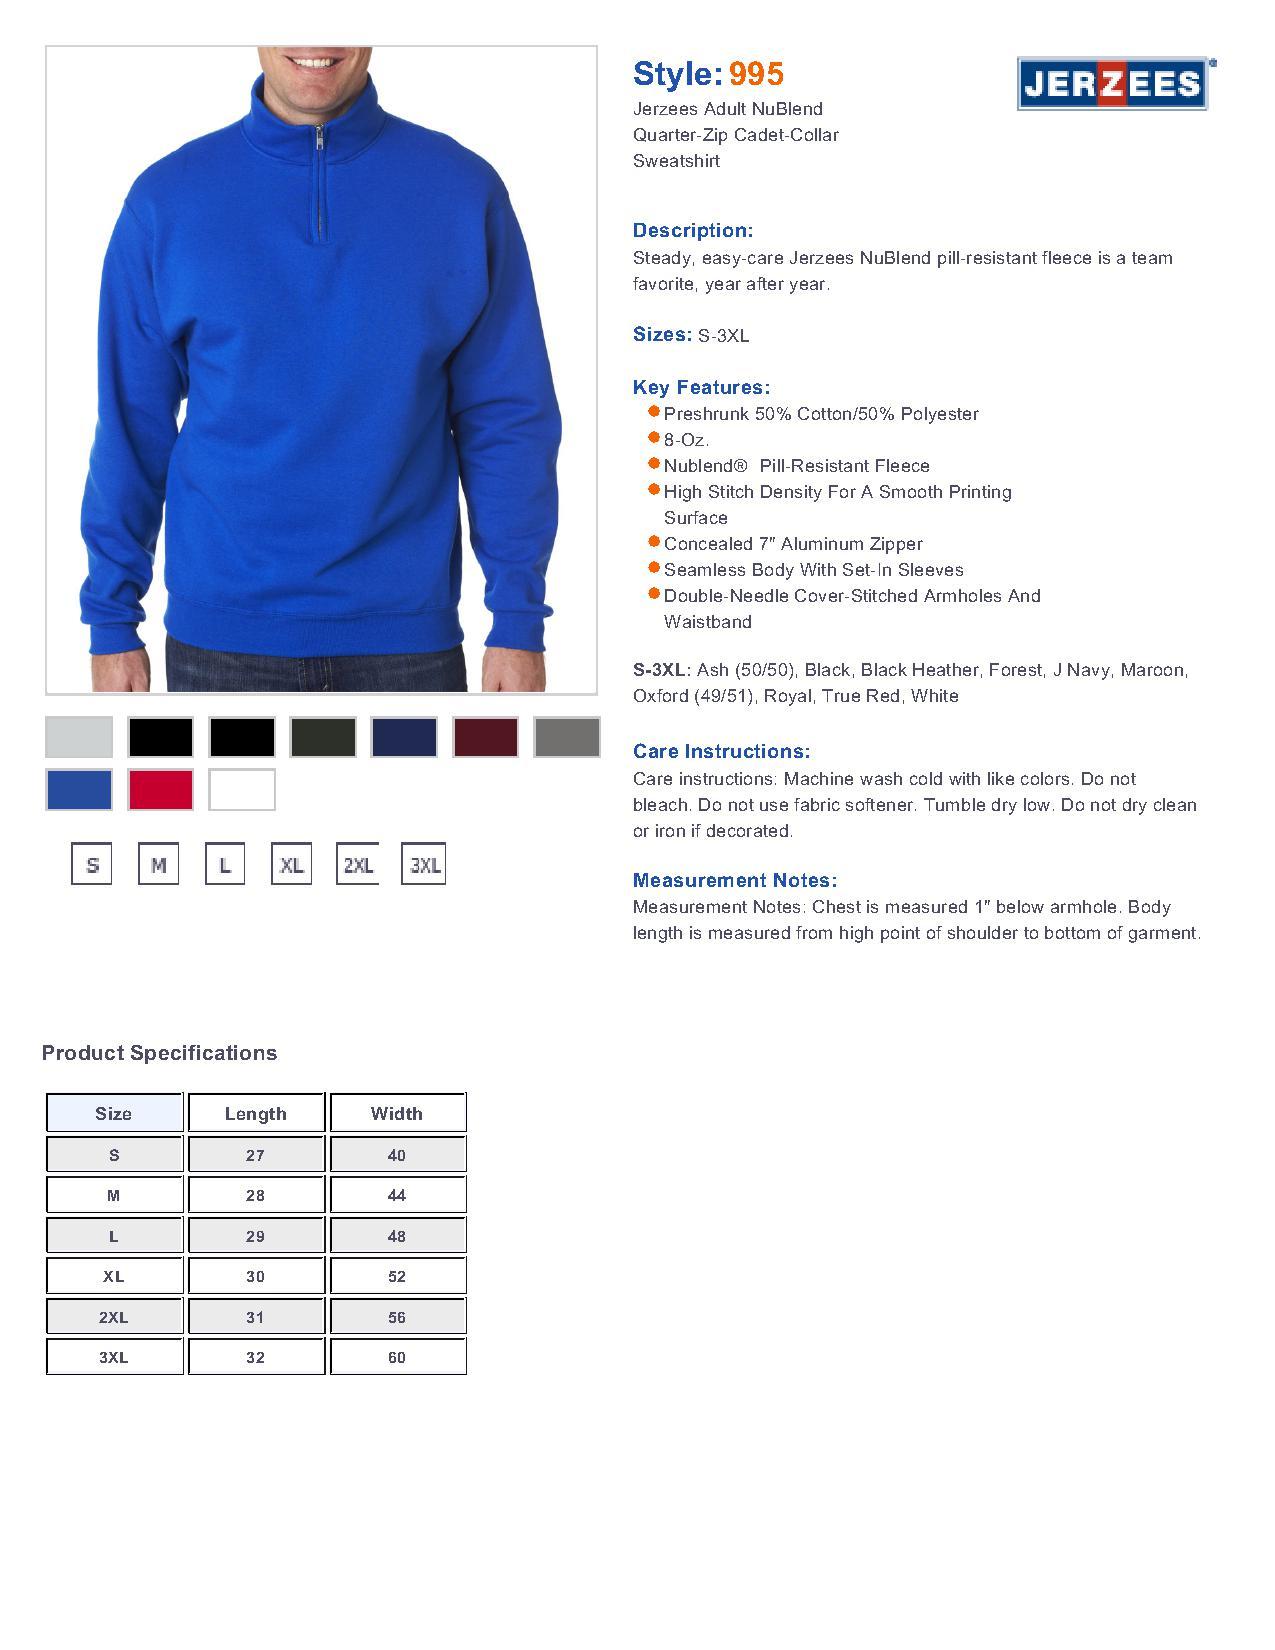 5c97e81c291 Jerzees 995 - Adult NuBlend Quarter-Zip Cadet-Collar Sweatshirt ...